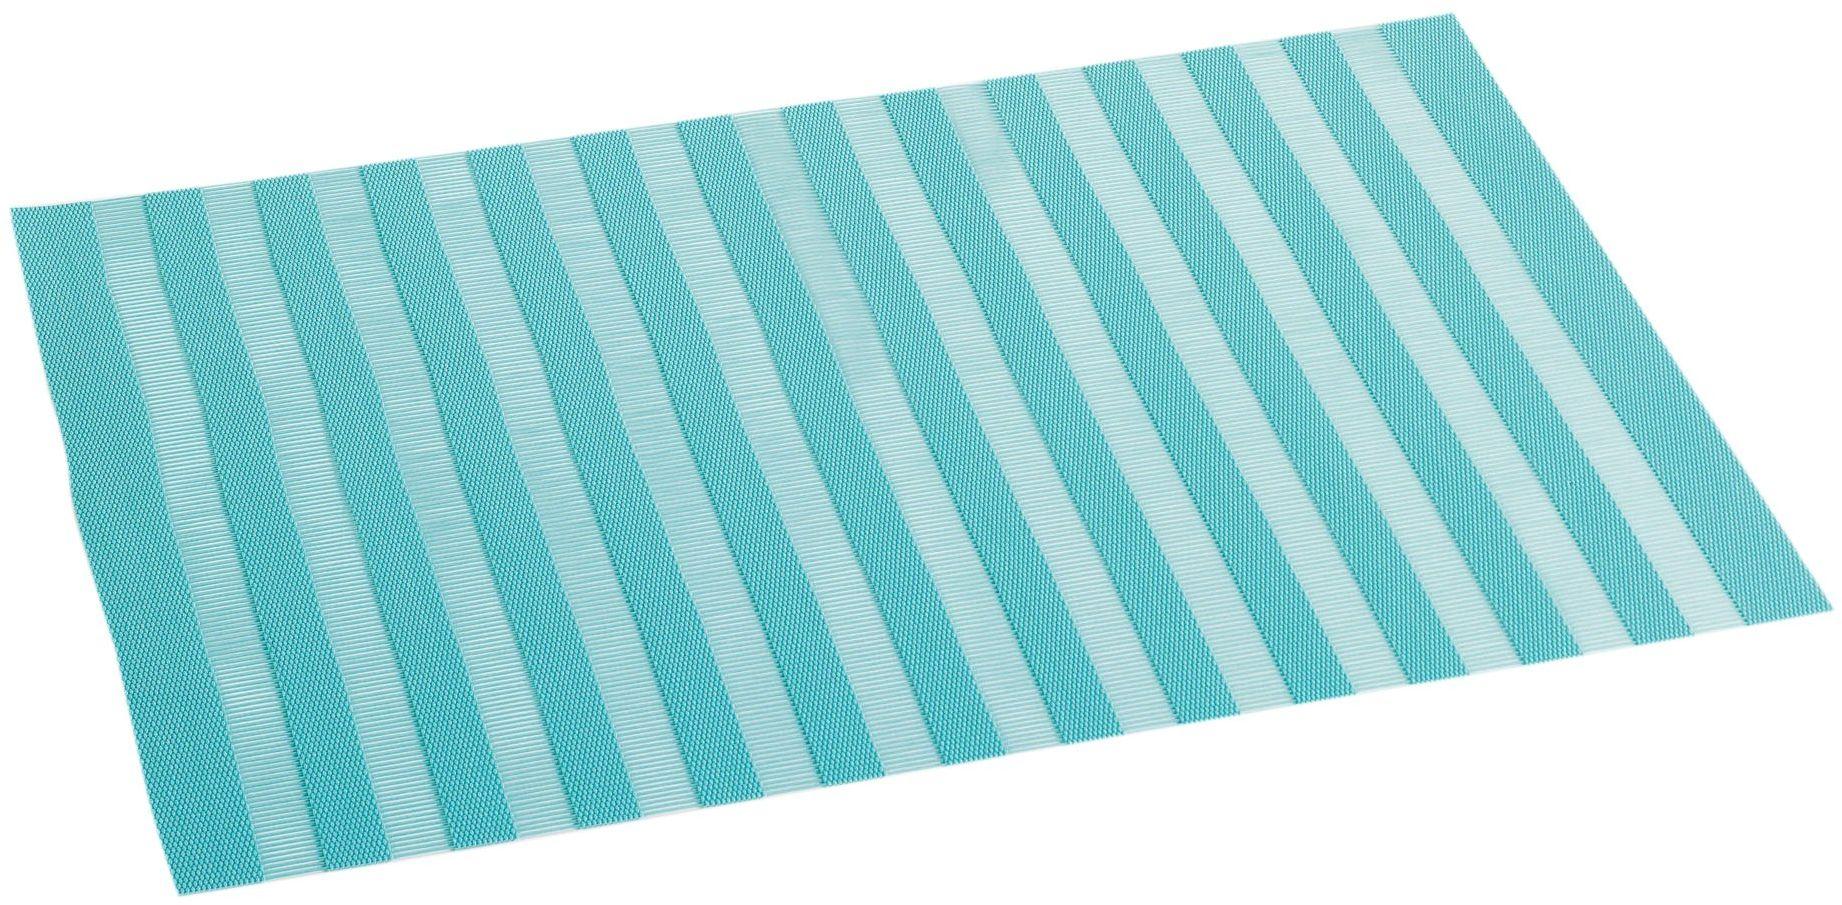 DECORLINE podkładka pod talerz 30 x 45 PCW ogród, niebieski (wodny), 30 x 45 cm